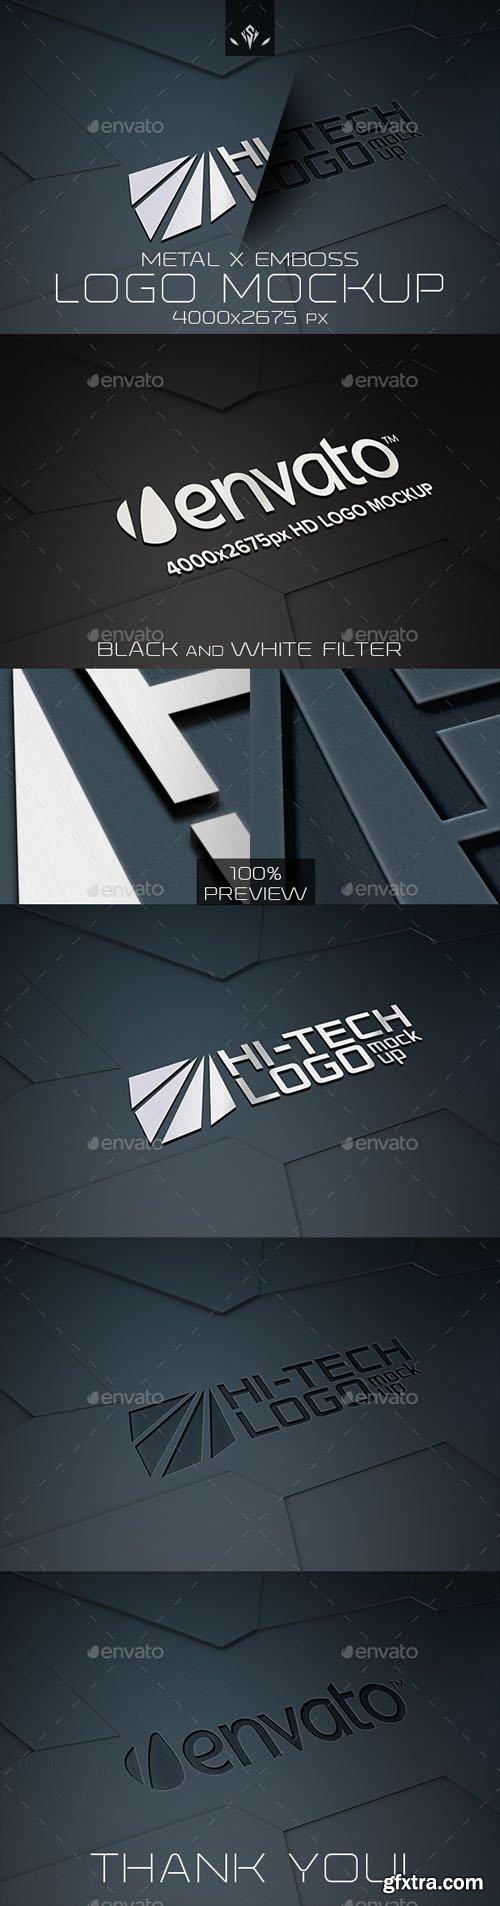 GraphicRiver - Hi-Tech Metal and Emboss Logo Mockup